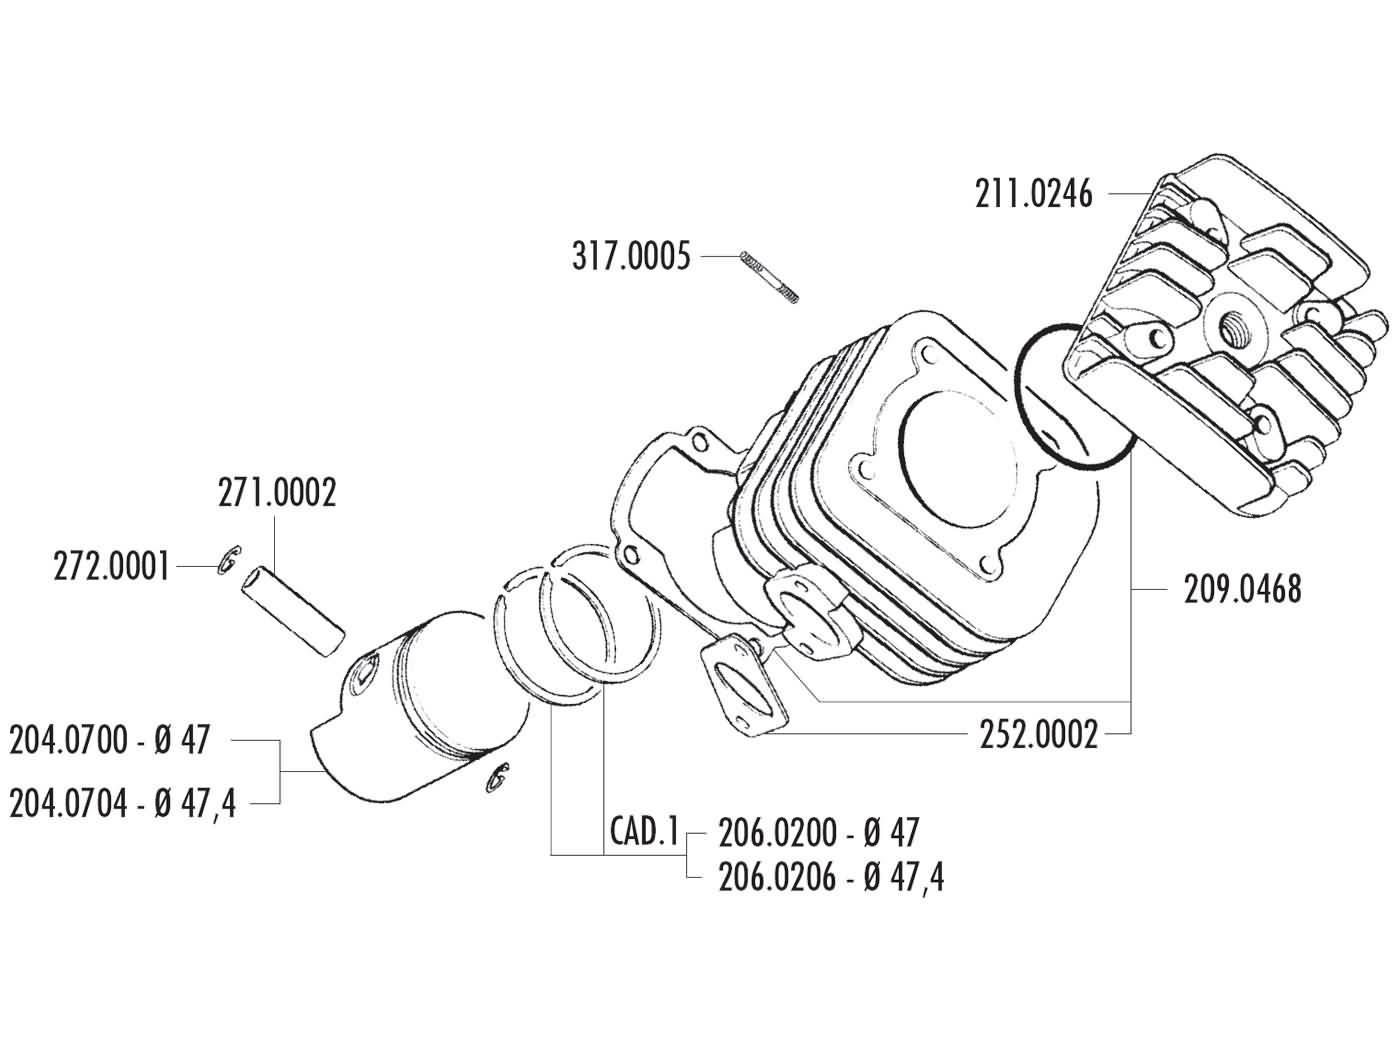 46 triton engine diagram kia sephia engine wiring diagram